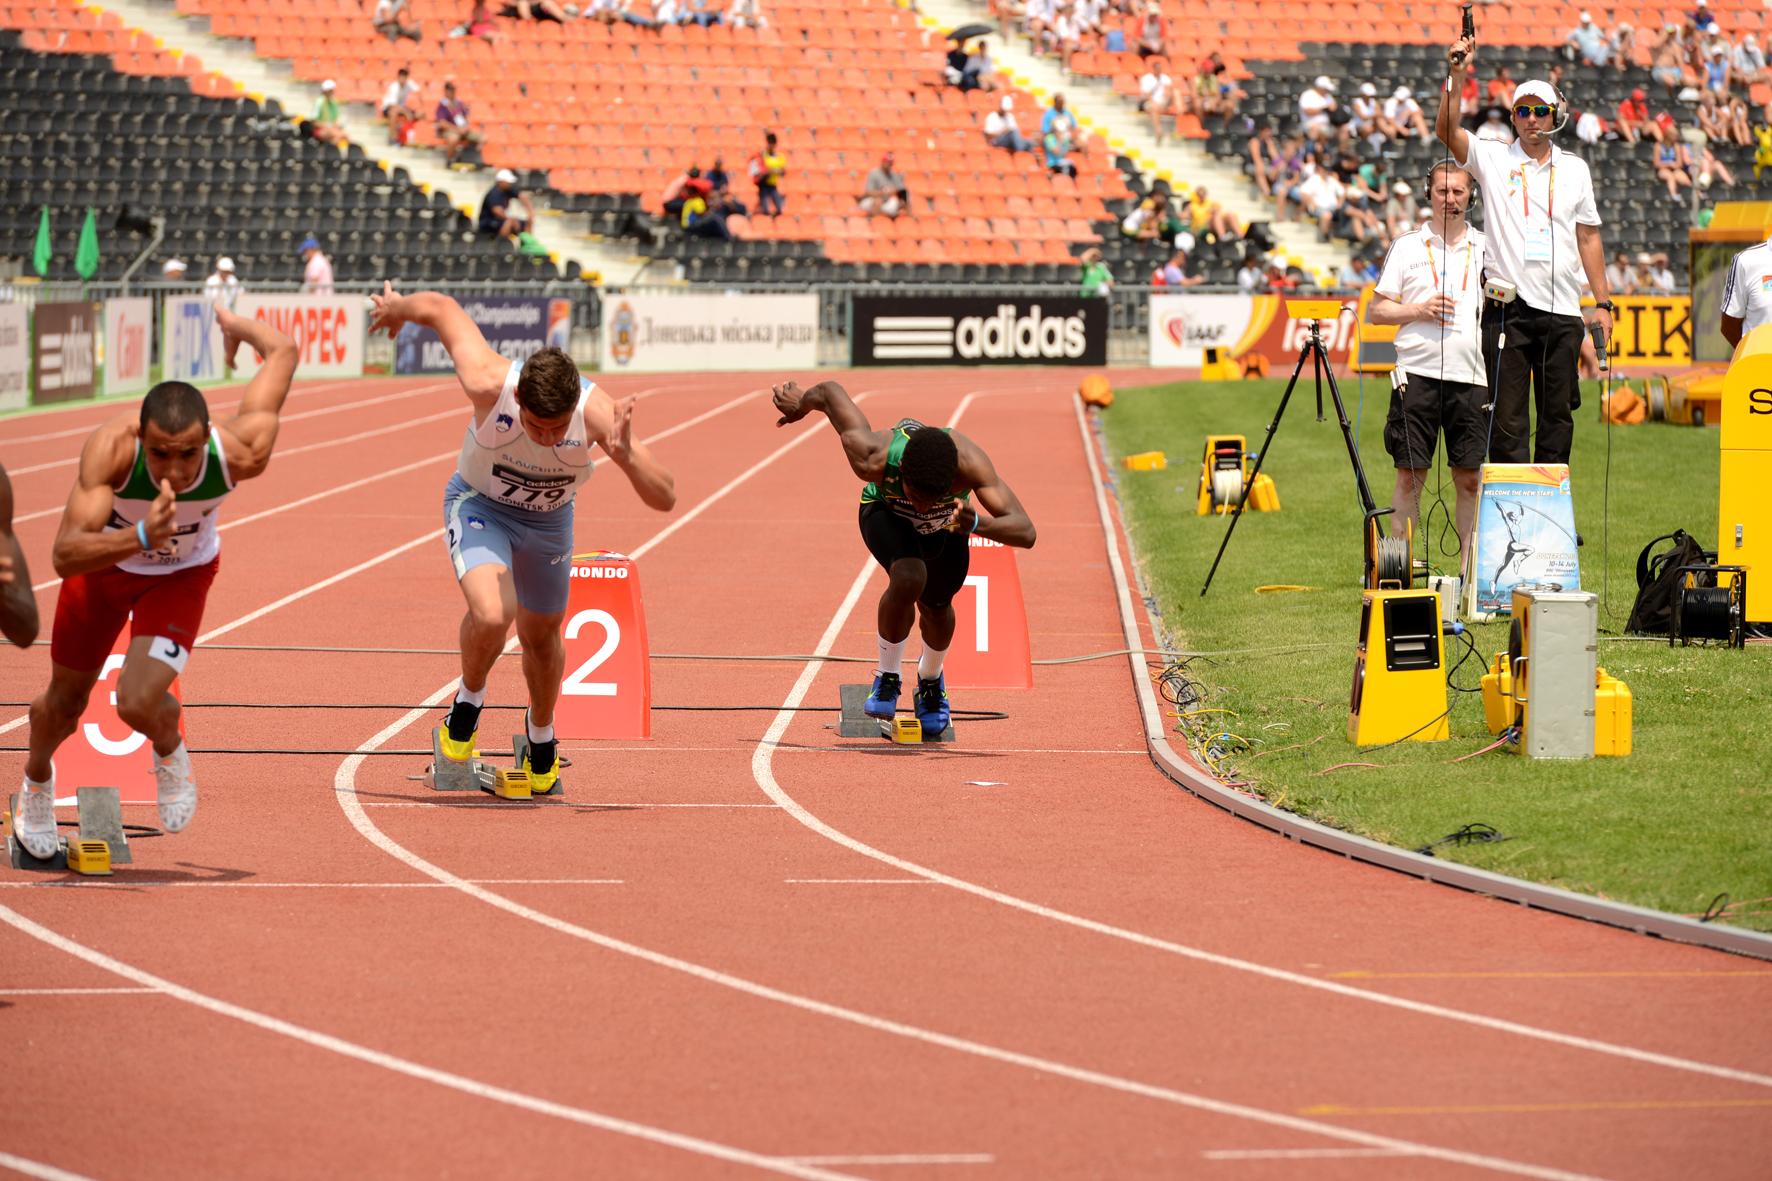 Фото: чемпионат Мира по лёгкой атлетике, 2013 года в Донецке. Старт в беге на 400 метров. (юноши)